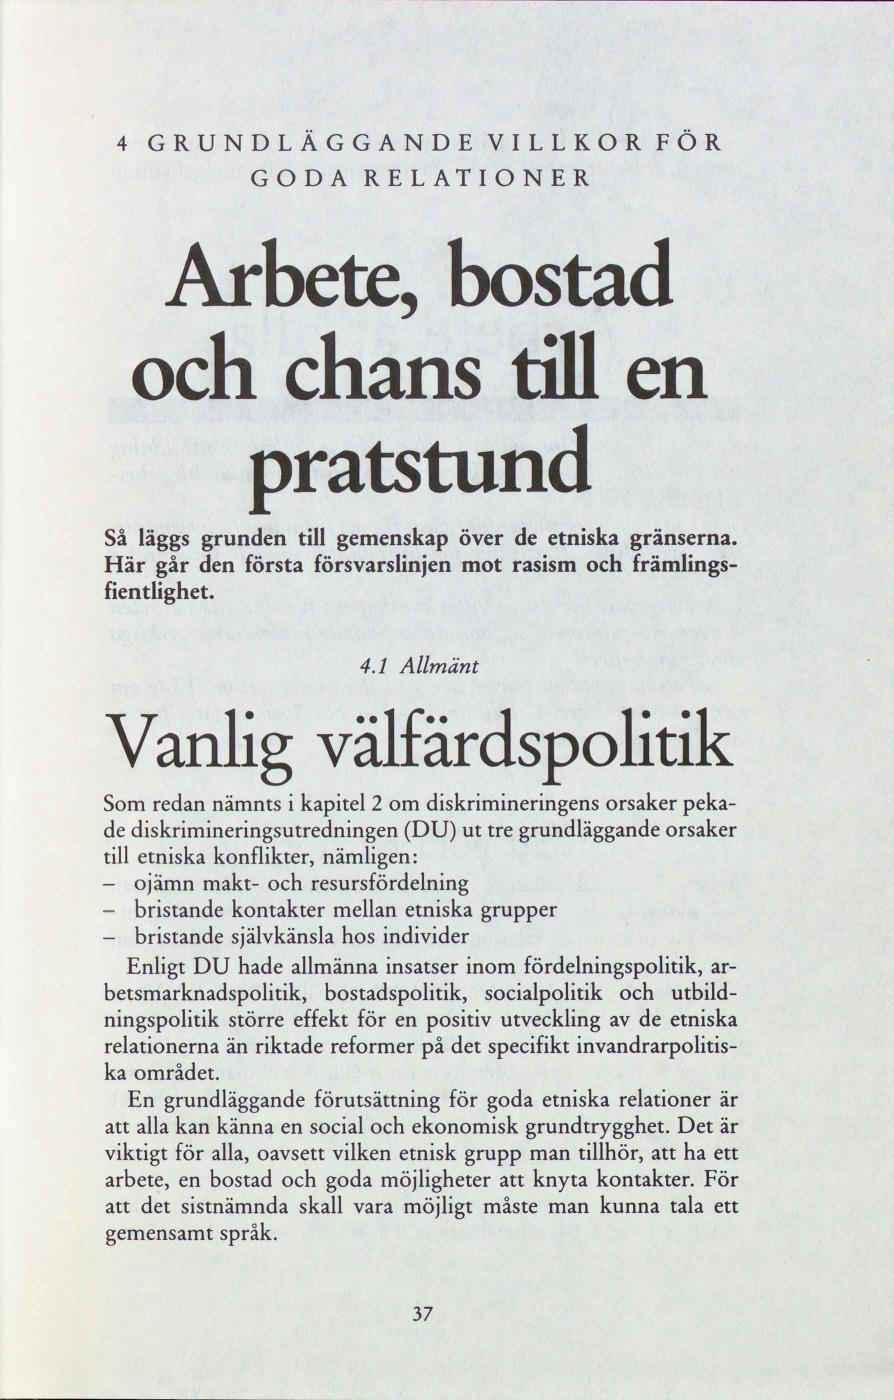 Hyresgastrorelsen kritisk mot svenska bostader